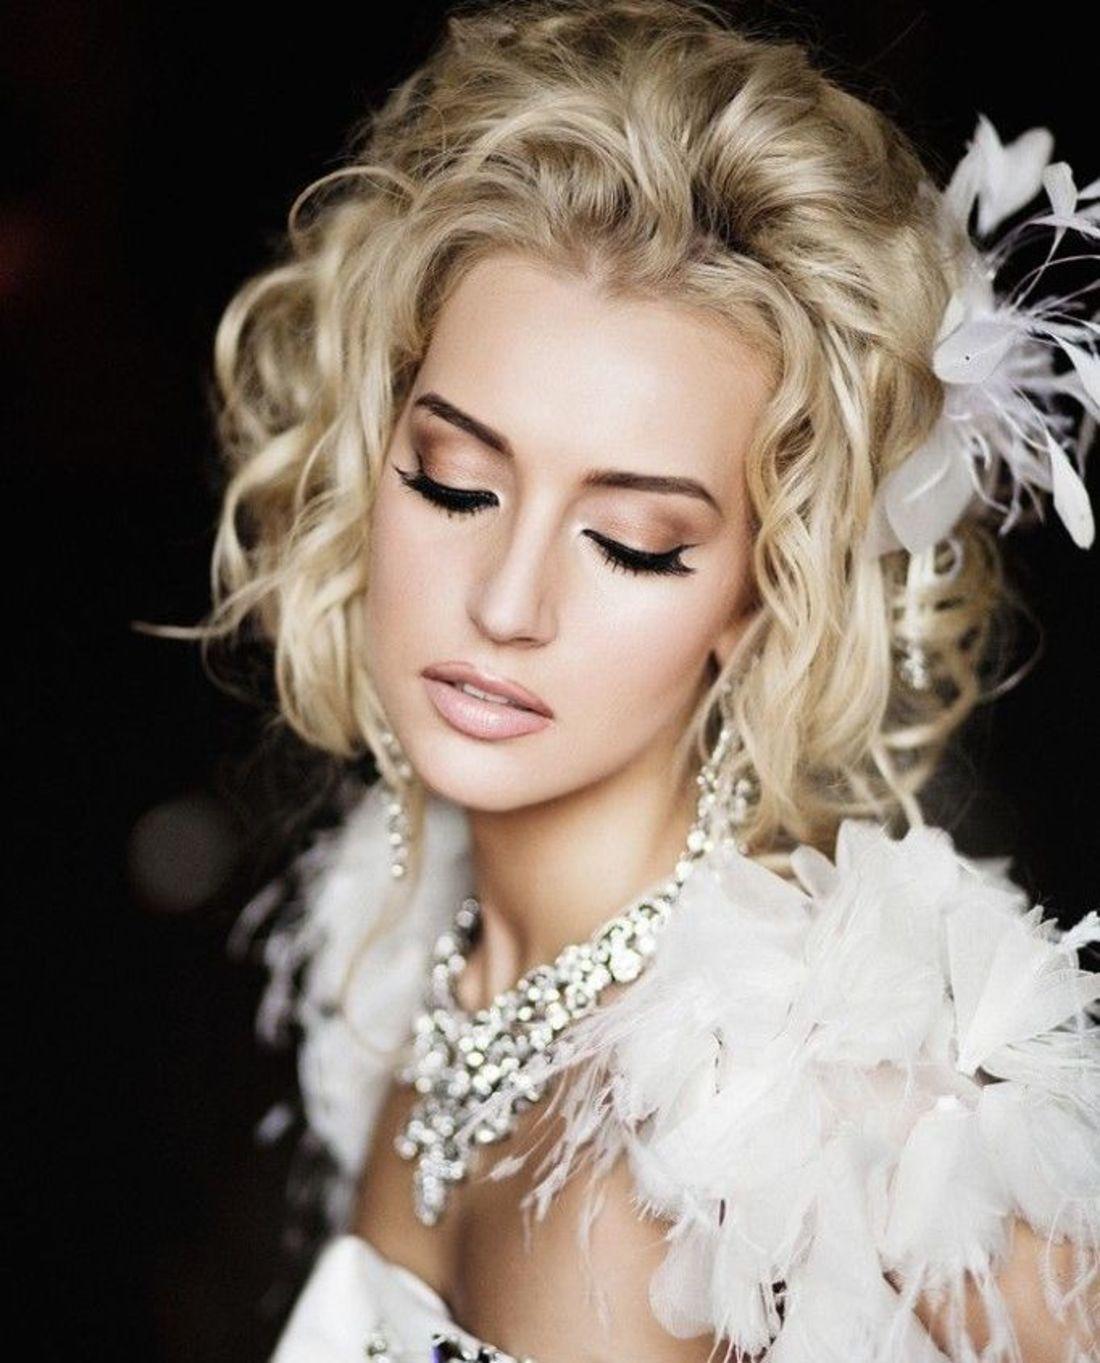 свадебная прическа с короткими волосами с цветами в волосах.